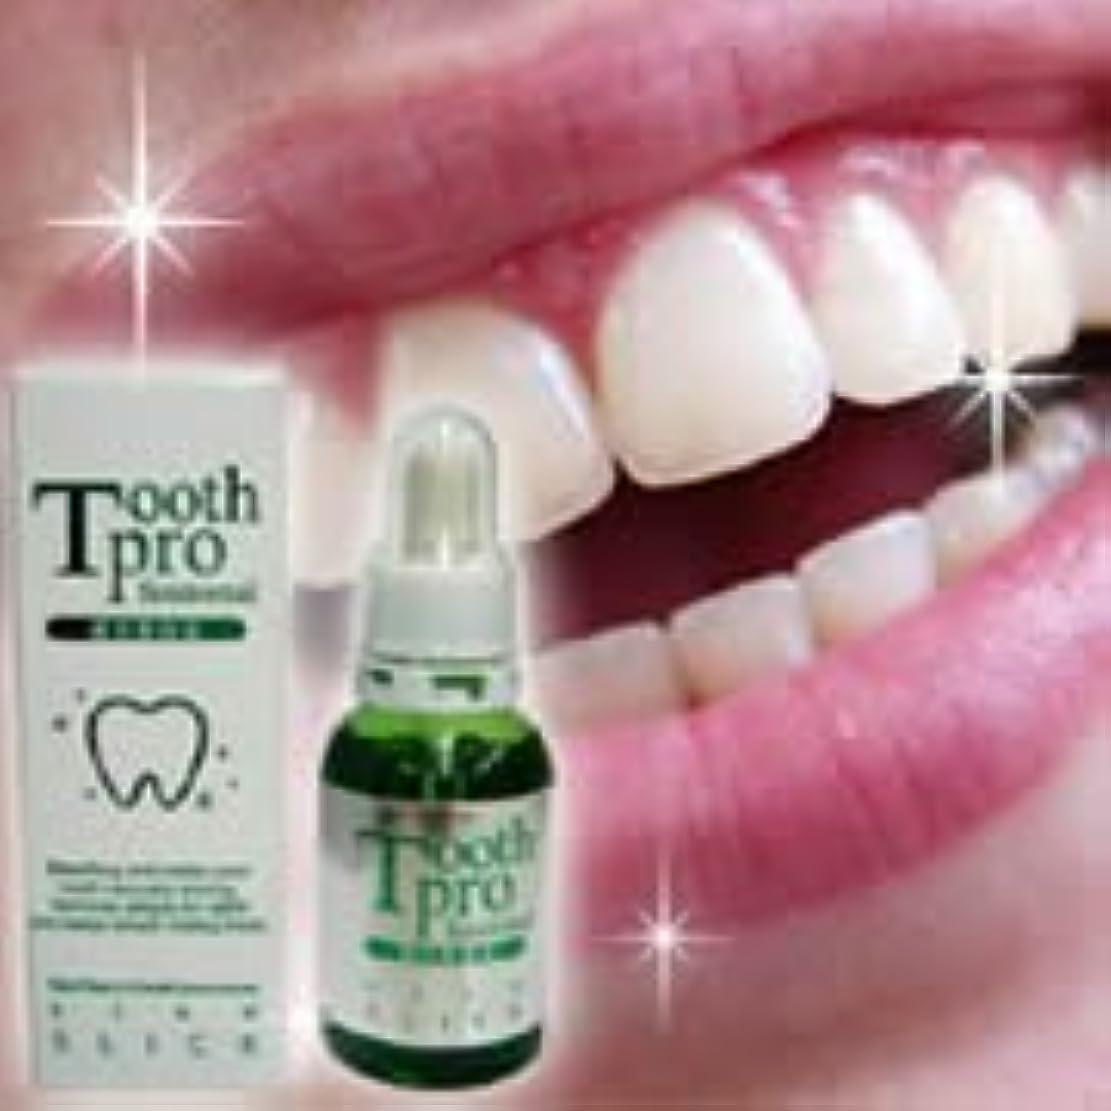 鳩悲鳴証言トゥース プロフェッショナル 20ml ×2個セット (tooth professional)